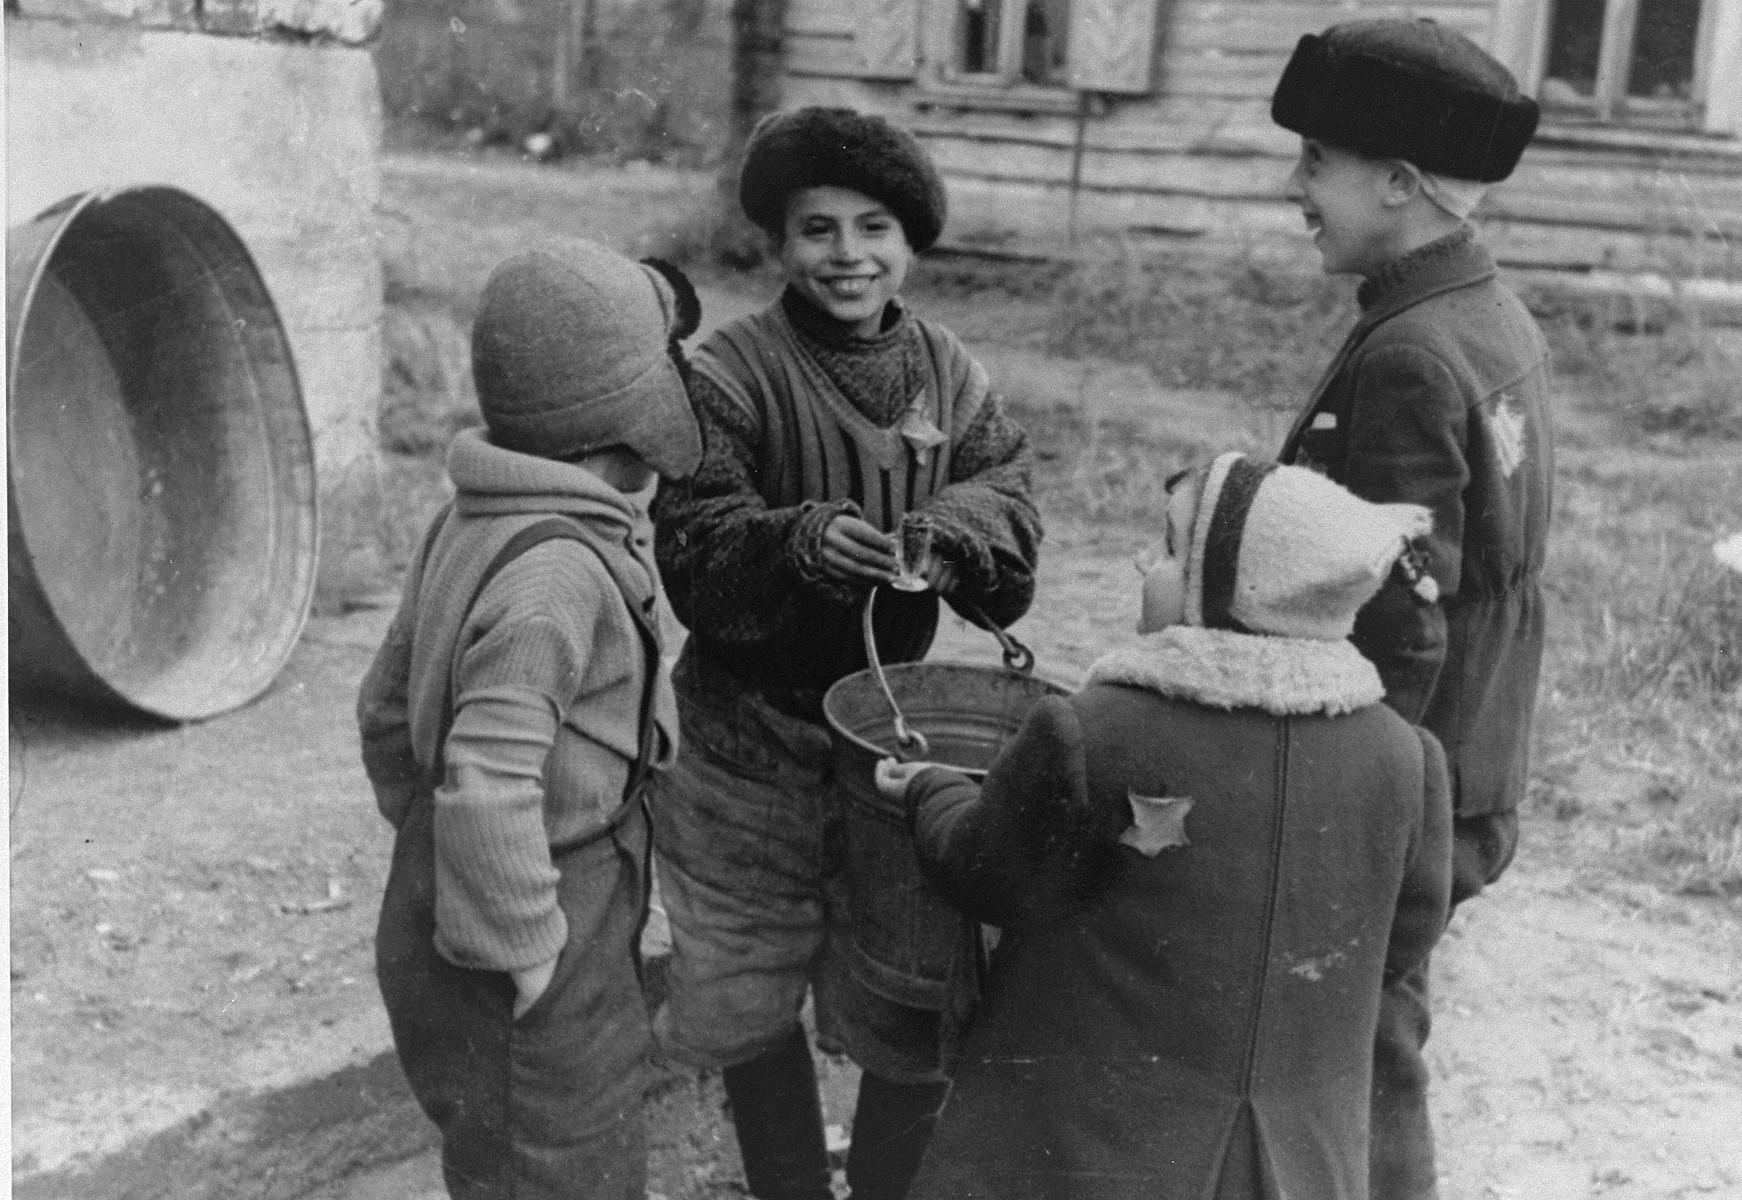 Four Jewish children converse outside in the Kovno ghetto.